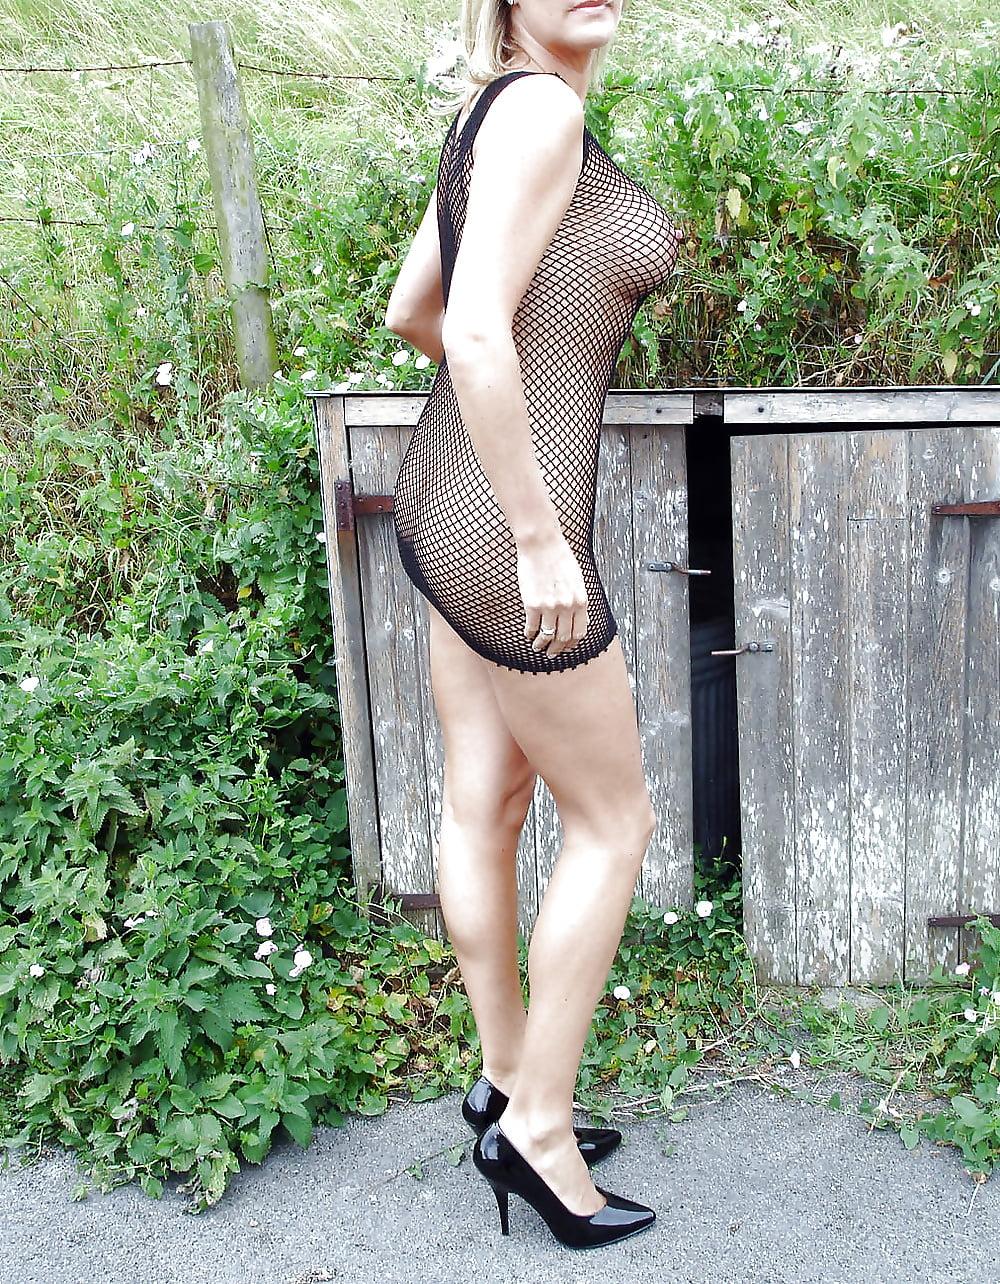 Женщины в эротической одежде на улице